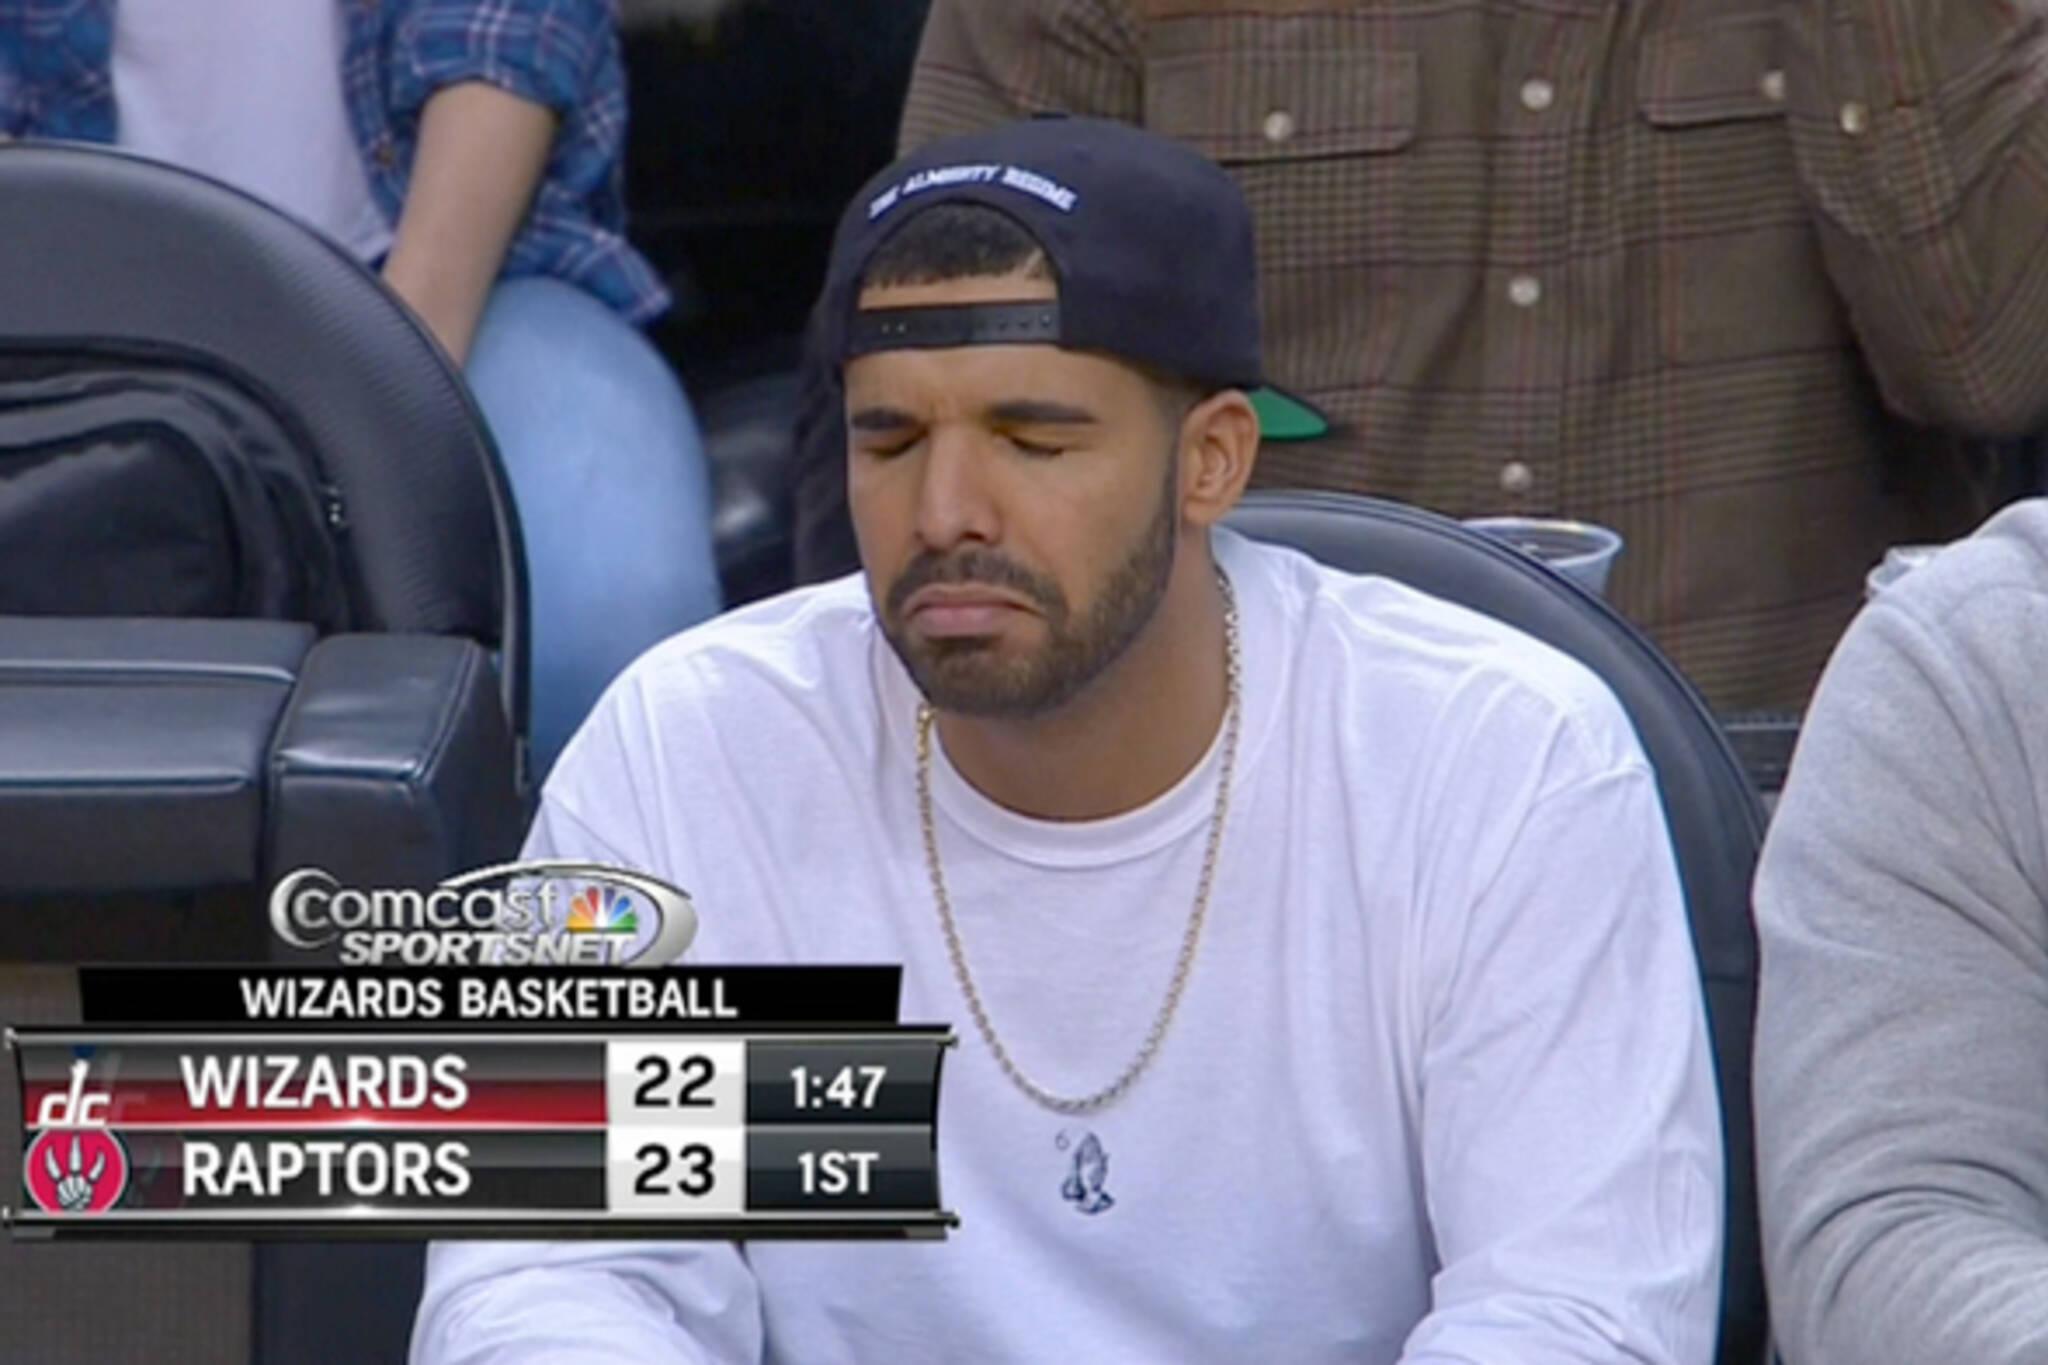 Drake sad face